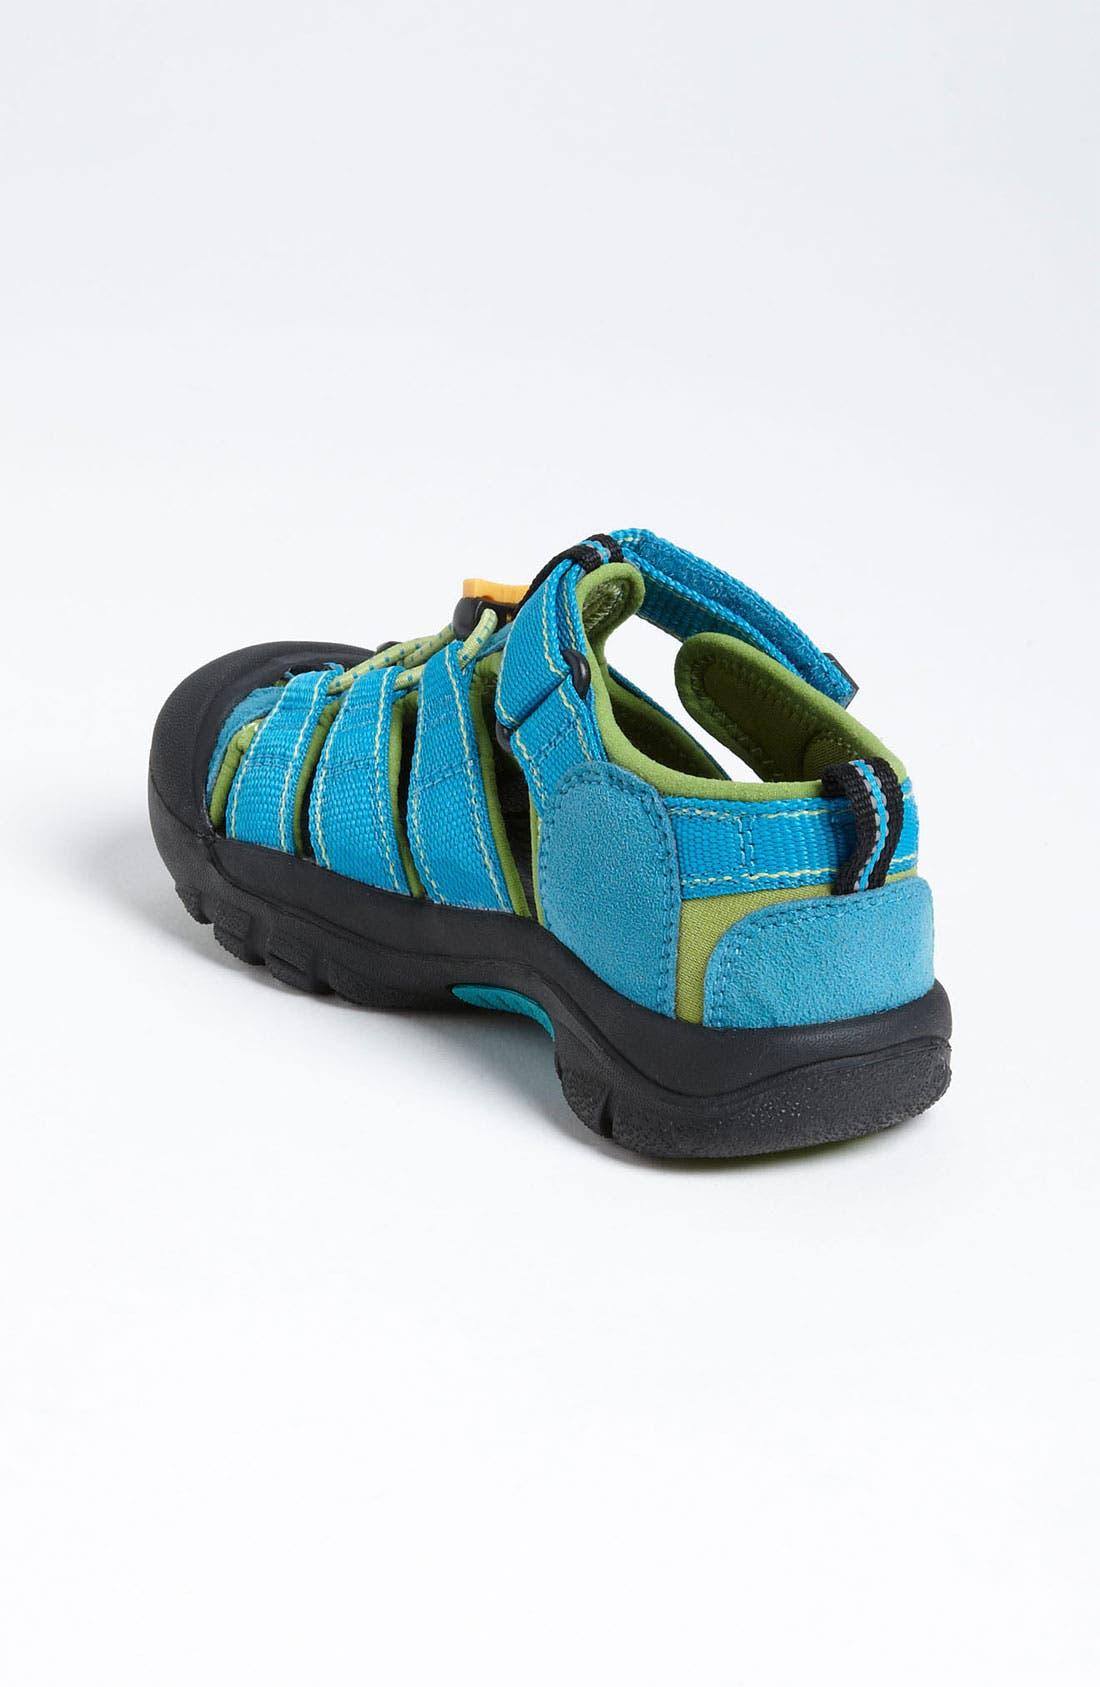 Alternate Image 2  - Keen 'Newport H2' Waterproof Sandal (Toddler, Little Kid & Big Kid)